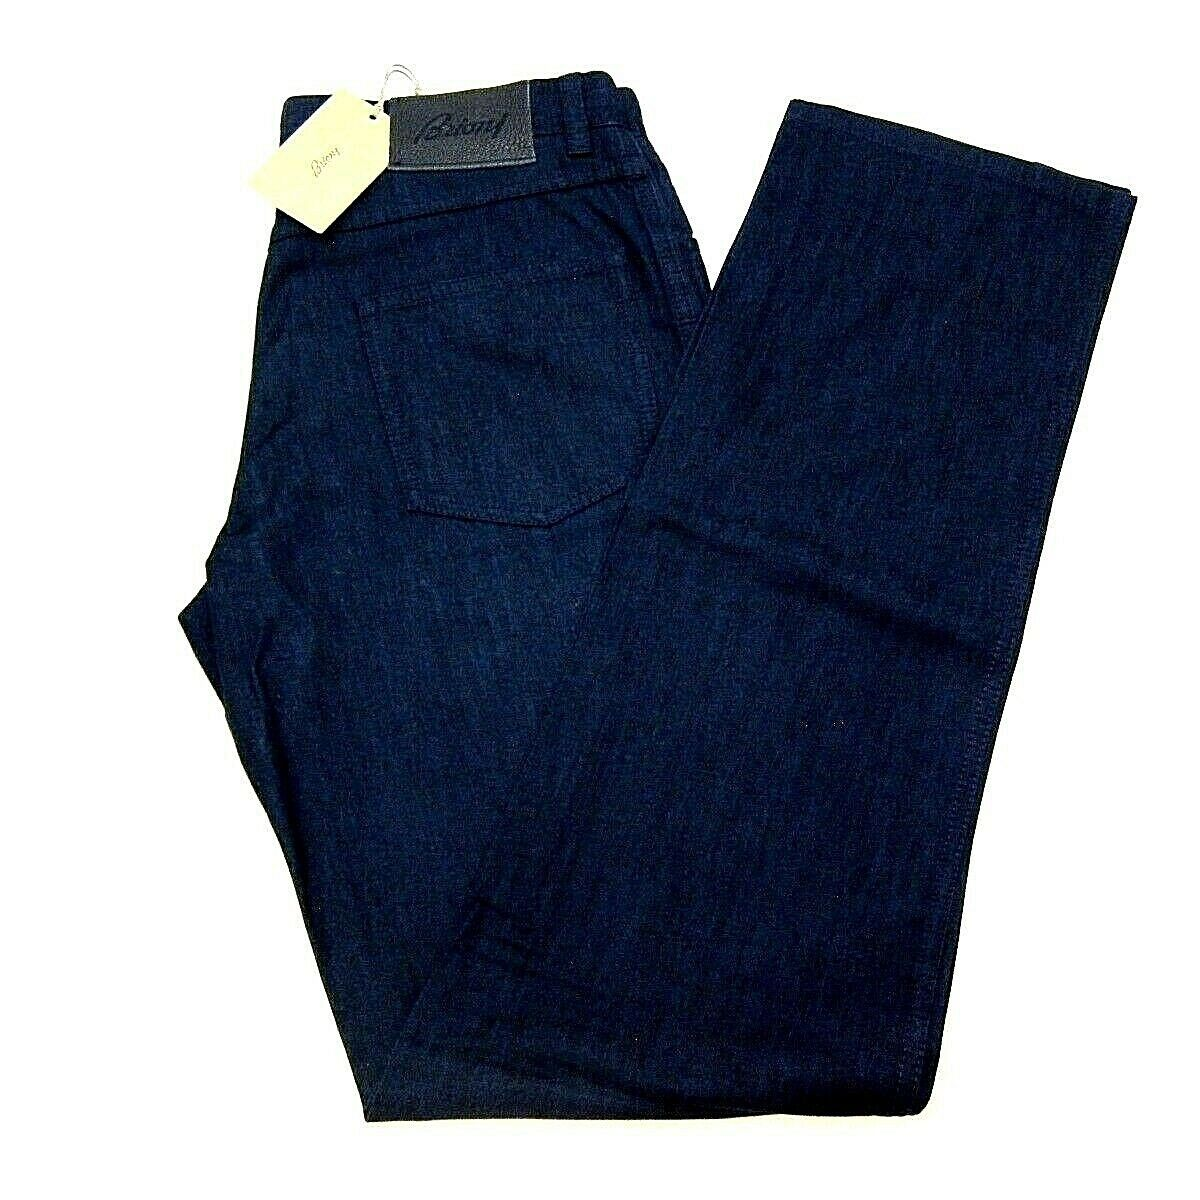 J-3798979 Neu Brioni Mitternacht Blau Blau Blau Hose Größe Us 30   Ausgezeichnet (in) Qualität  bfaefe